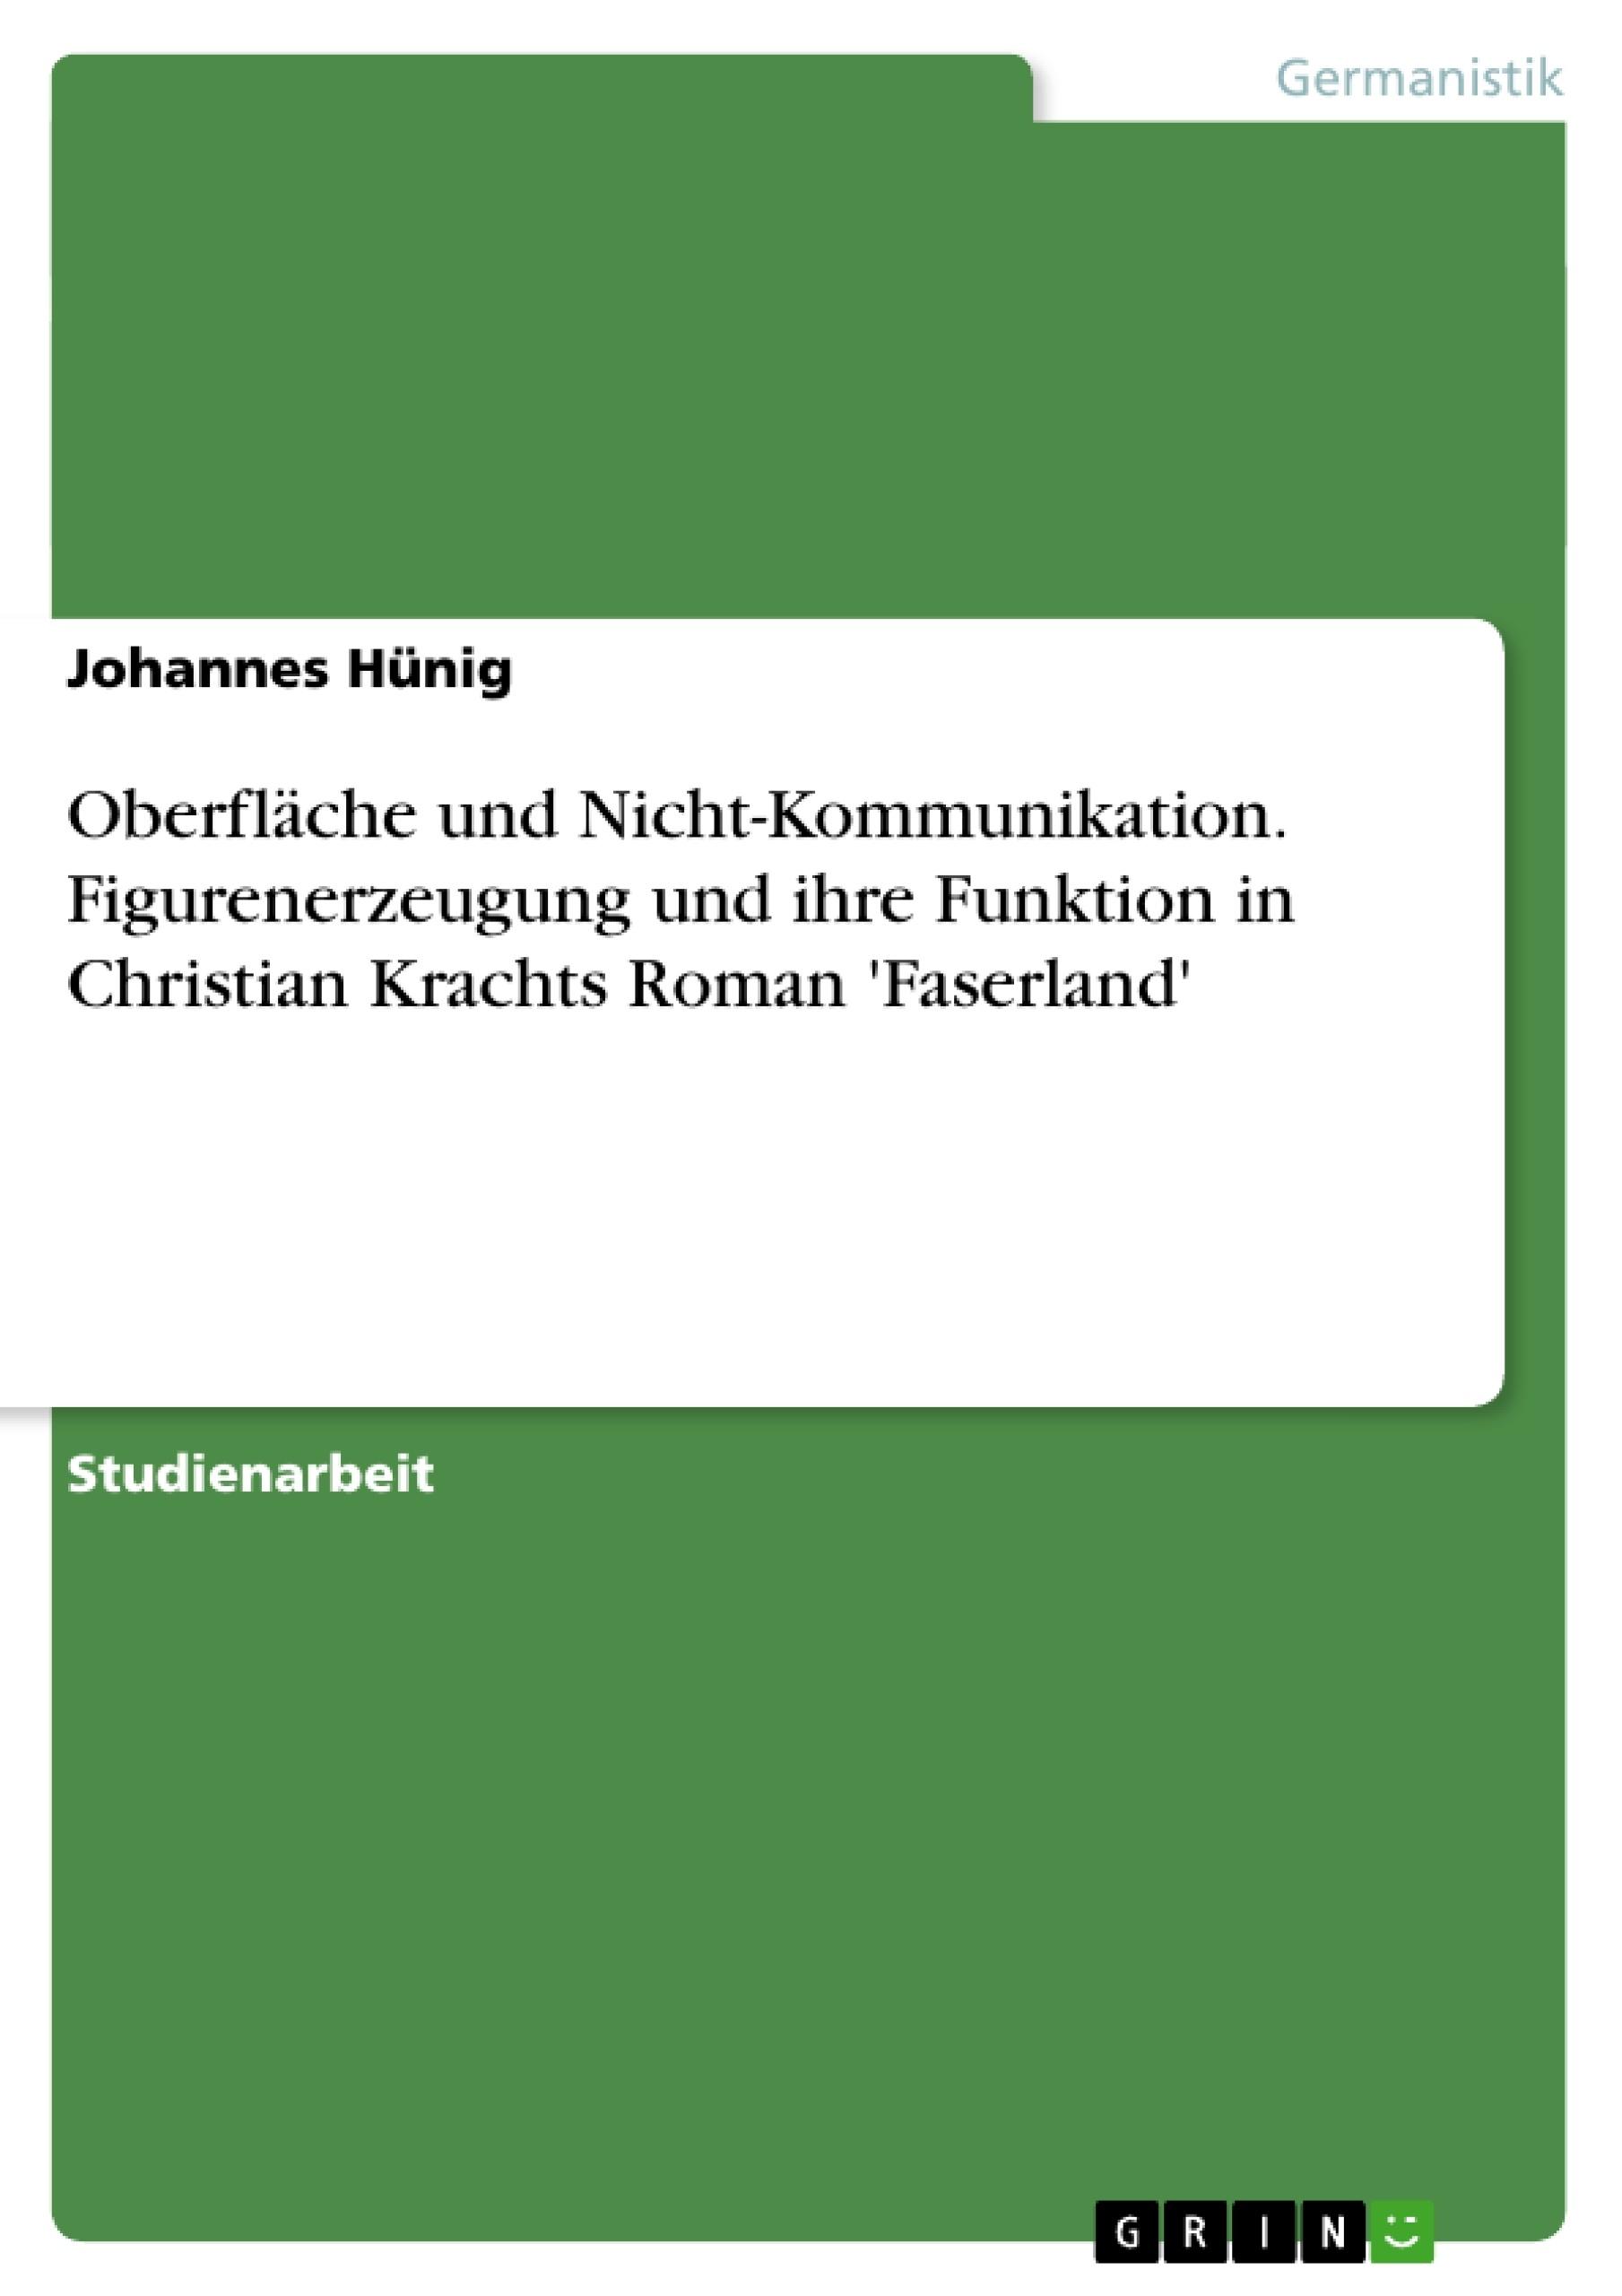 Titel: Oberfläche und Nicht-Kommunikation. Figurenerzeugung und ihre Funktion in Christian Krachts Roman 'Faserland'